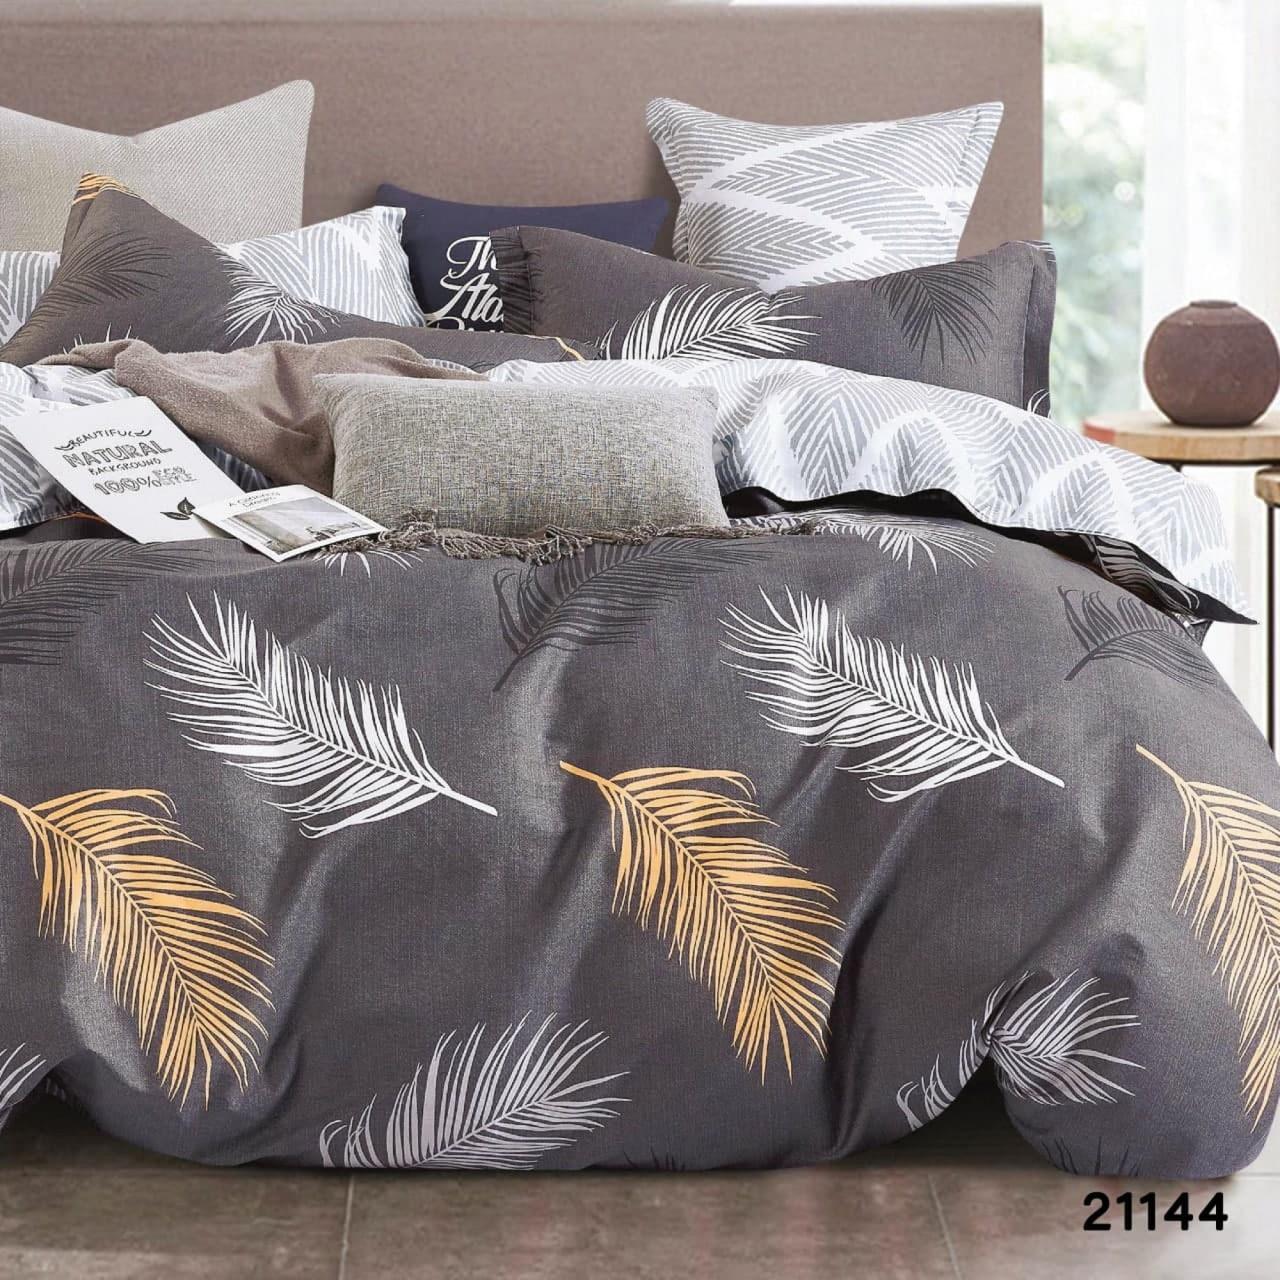 Полуторное постельное белье Вилюта 21144 ранфорс